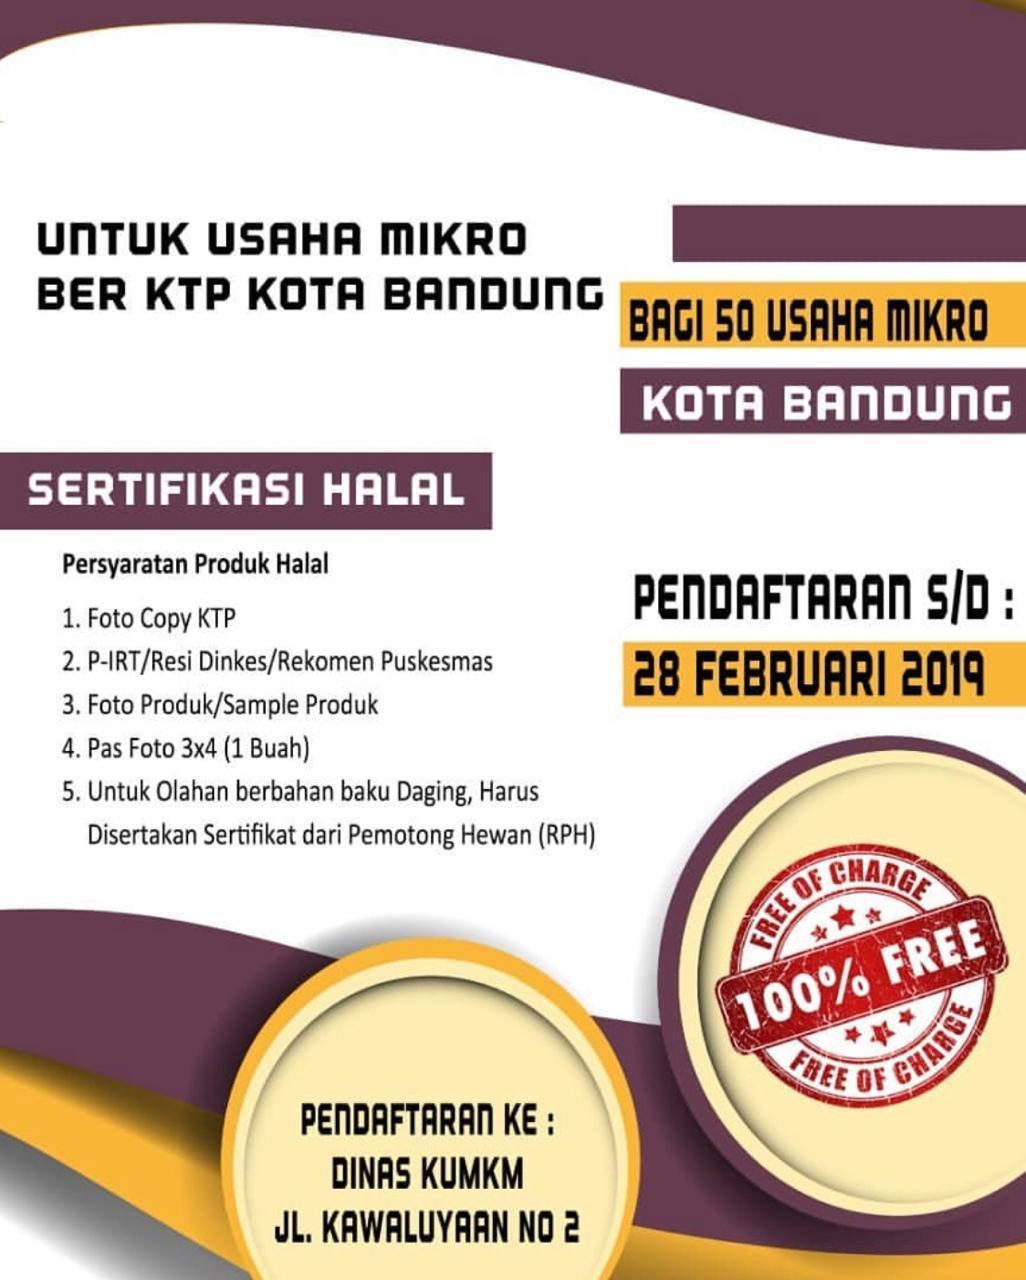 Sertifikasi Halal untuk Usaha Mikro Ber-KTP Kota Bandung